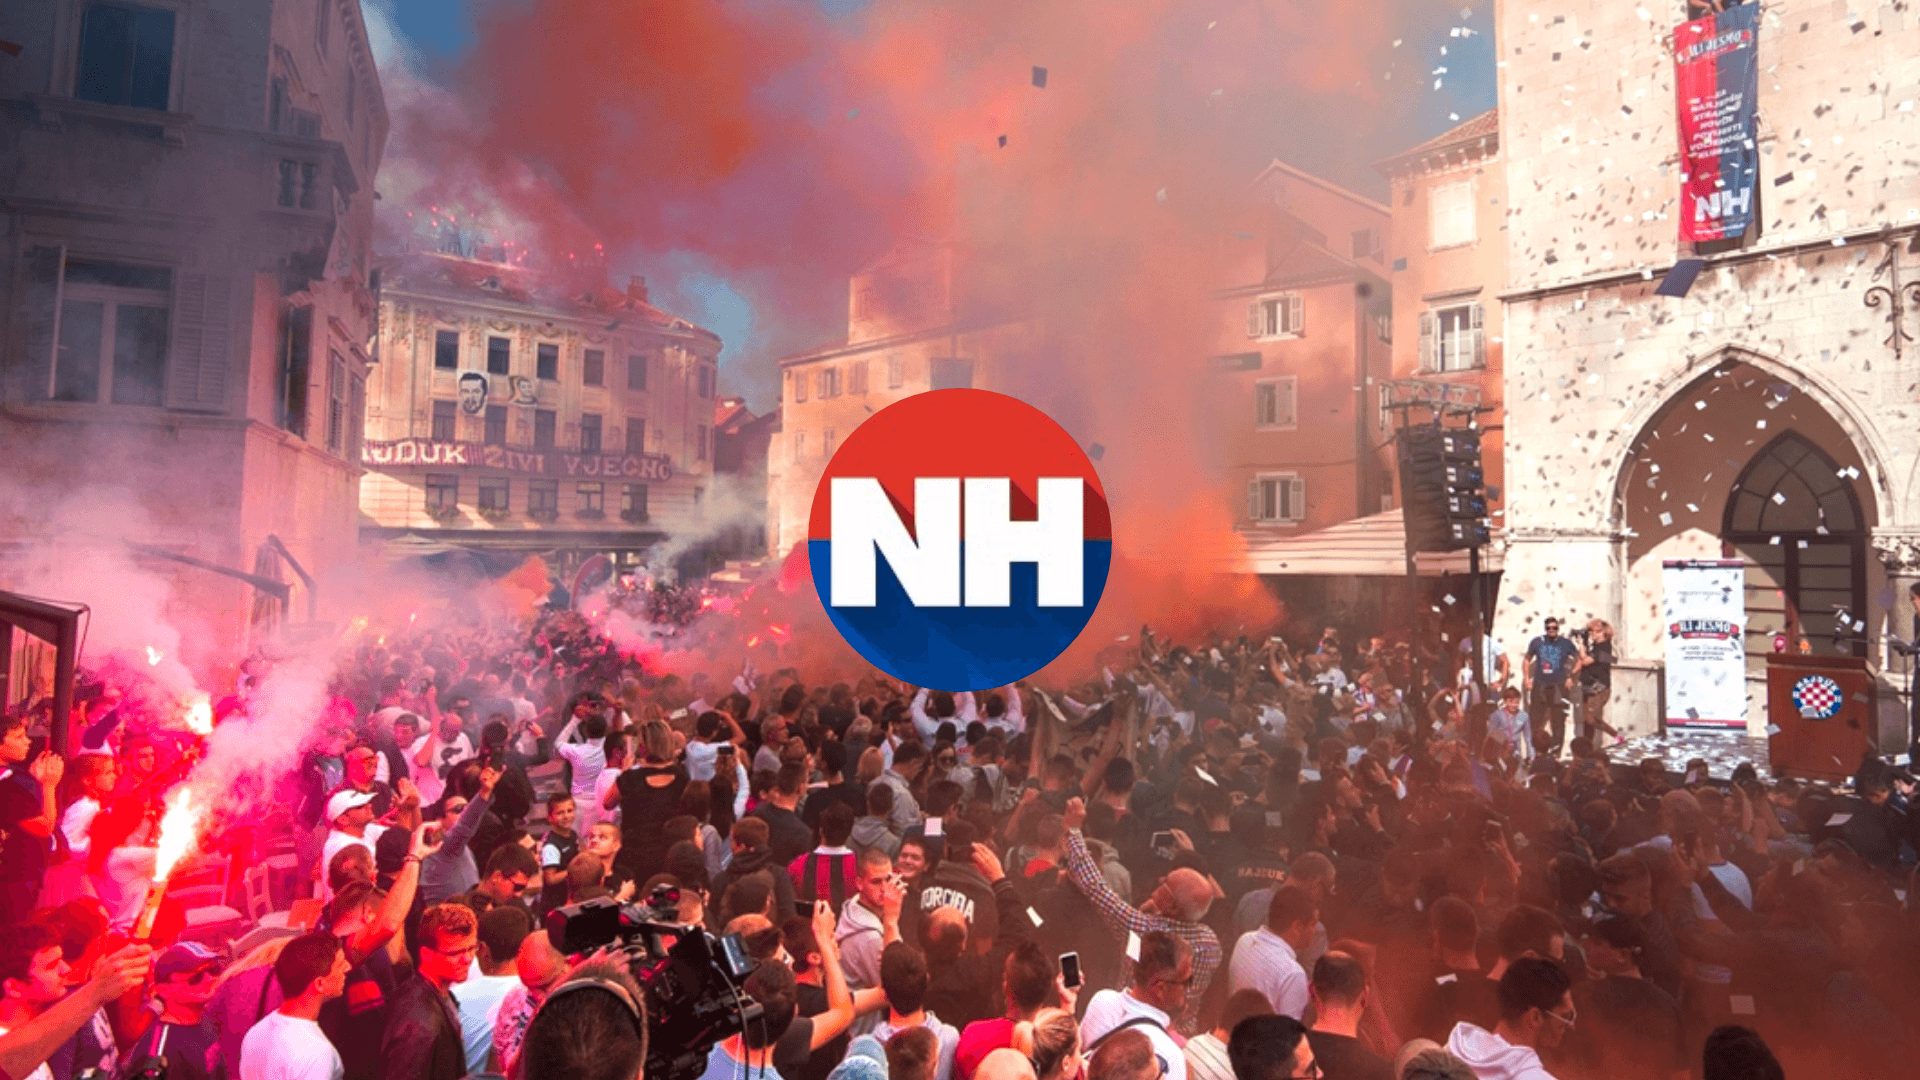 Udruga Naš Hajduk pokrenula crowdfunding kampanju Ili jesmo ili nismo!